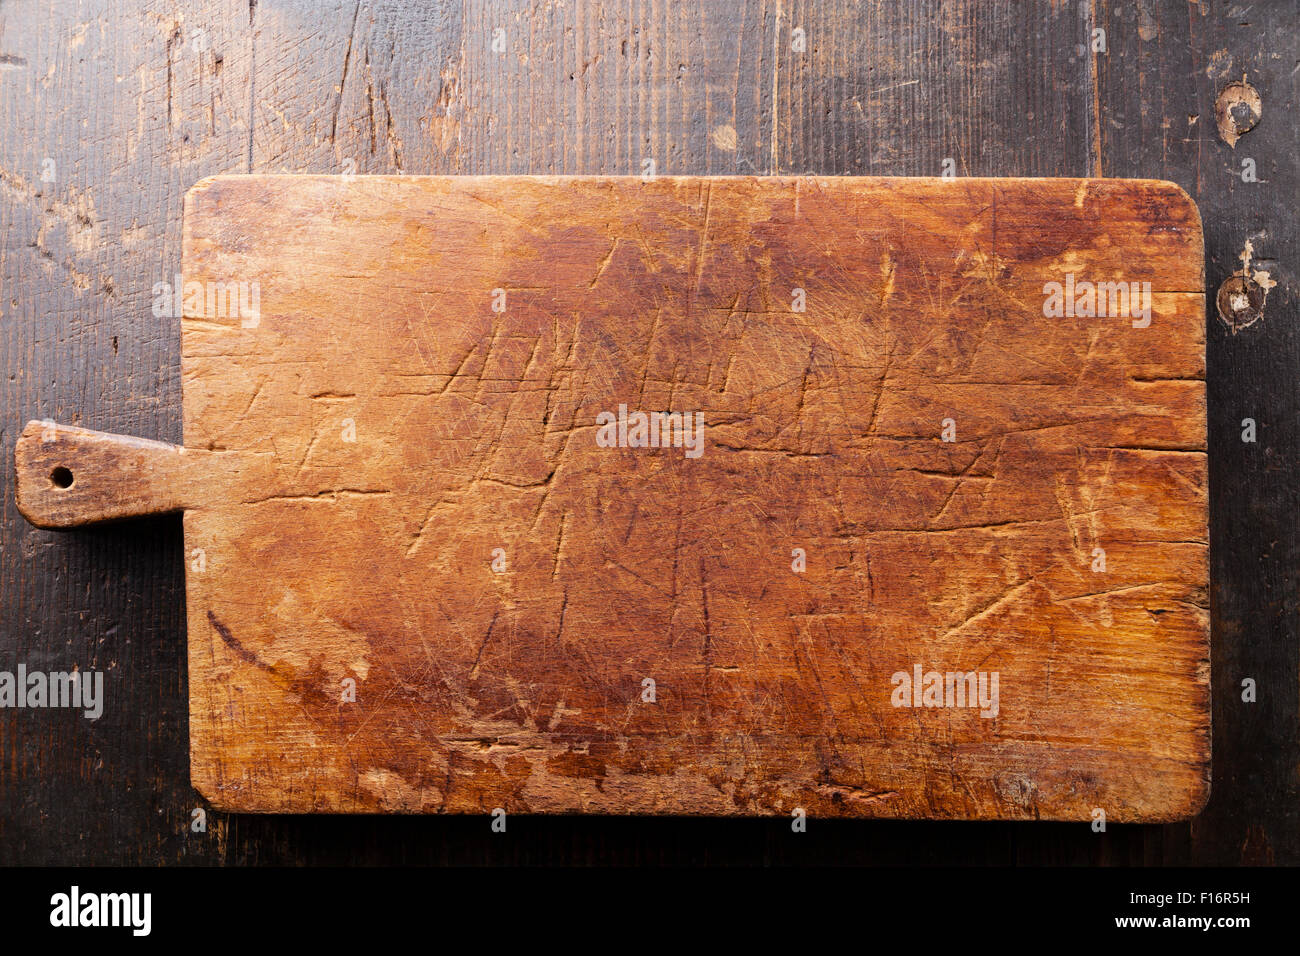 Picar la tabla de cortar de madera en la textura del fondo Imagen De Stock